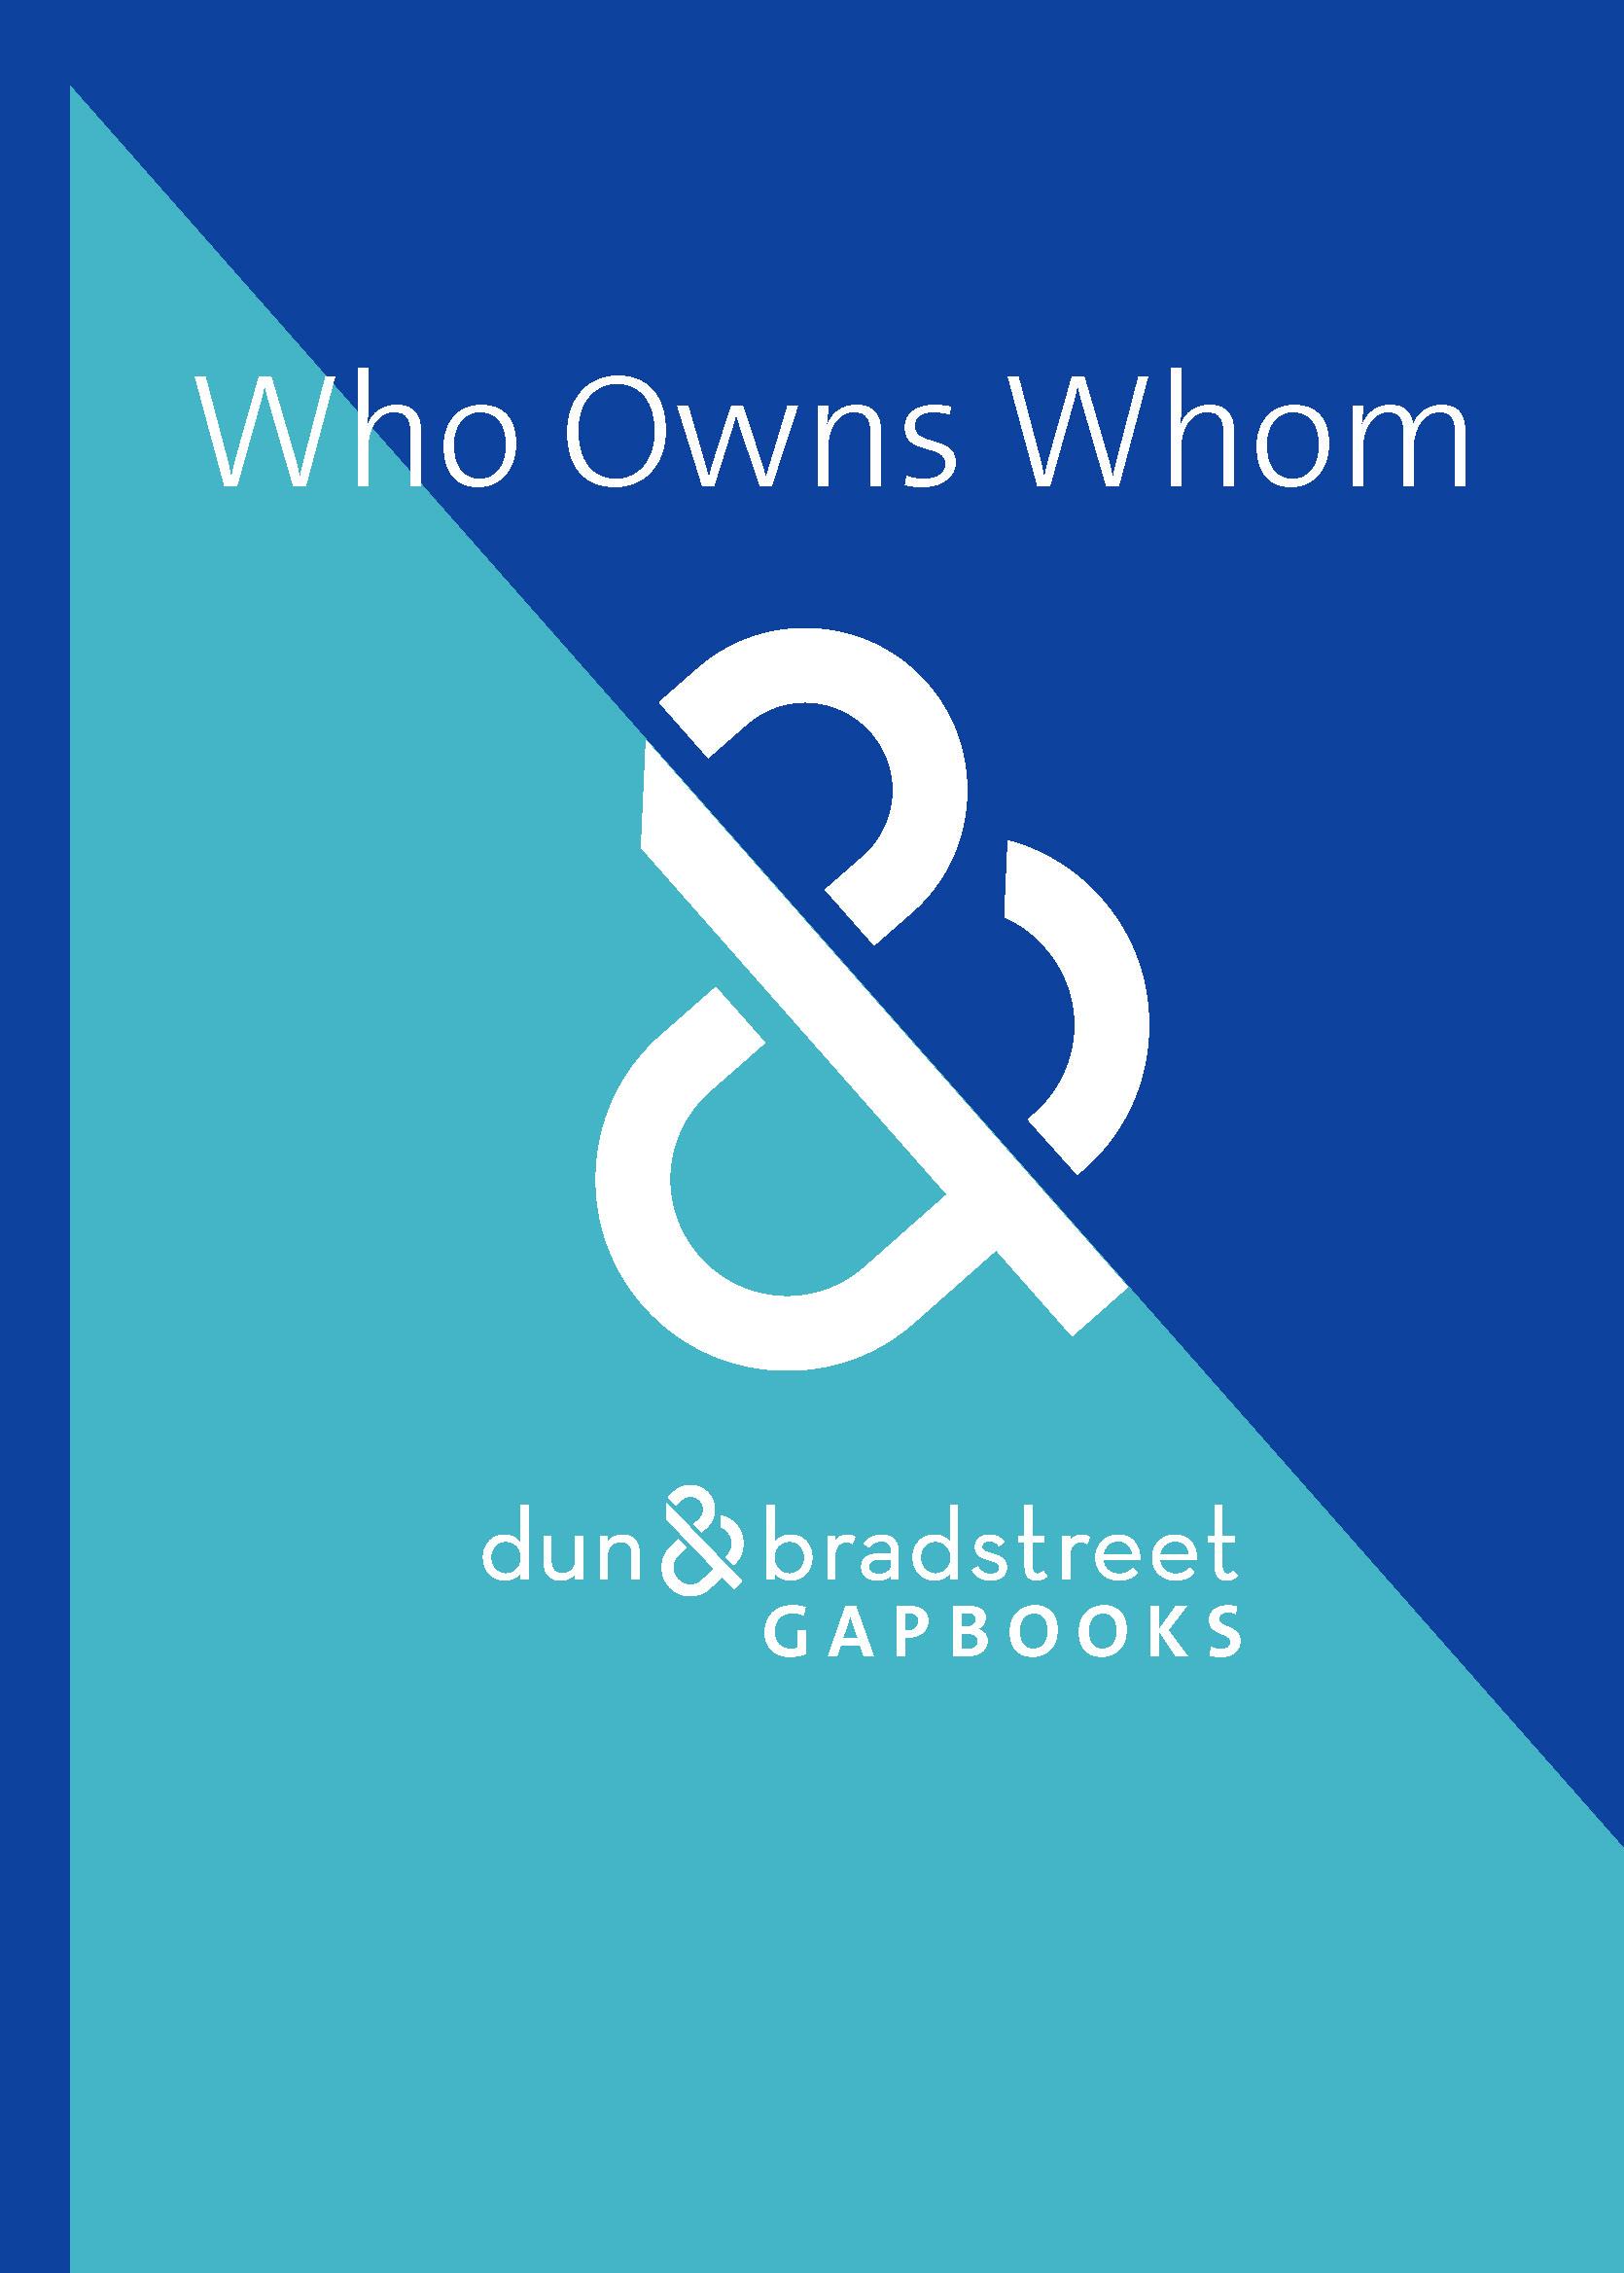 brett utbud heta produkter specialförsäljning D&B Who Owns Whom 2019/20 - GAP Books